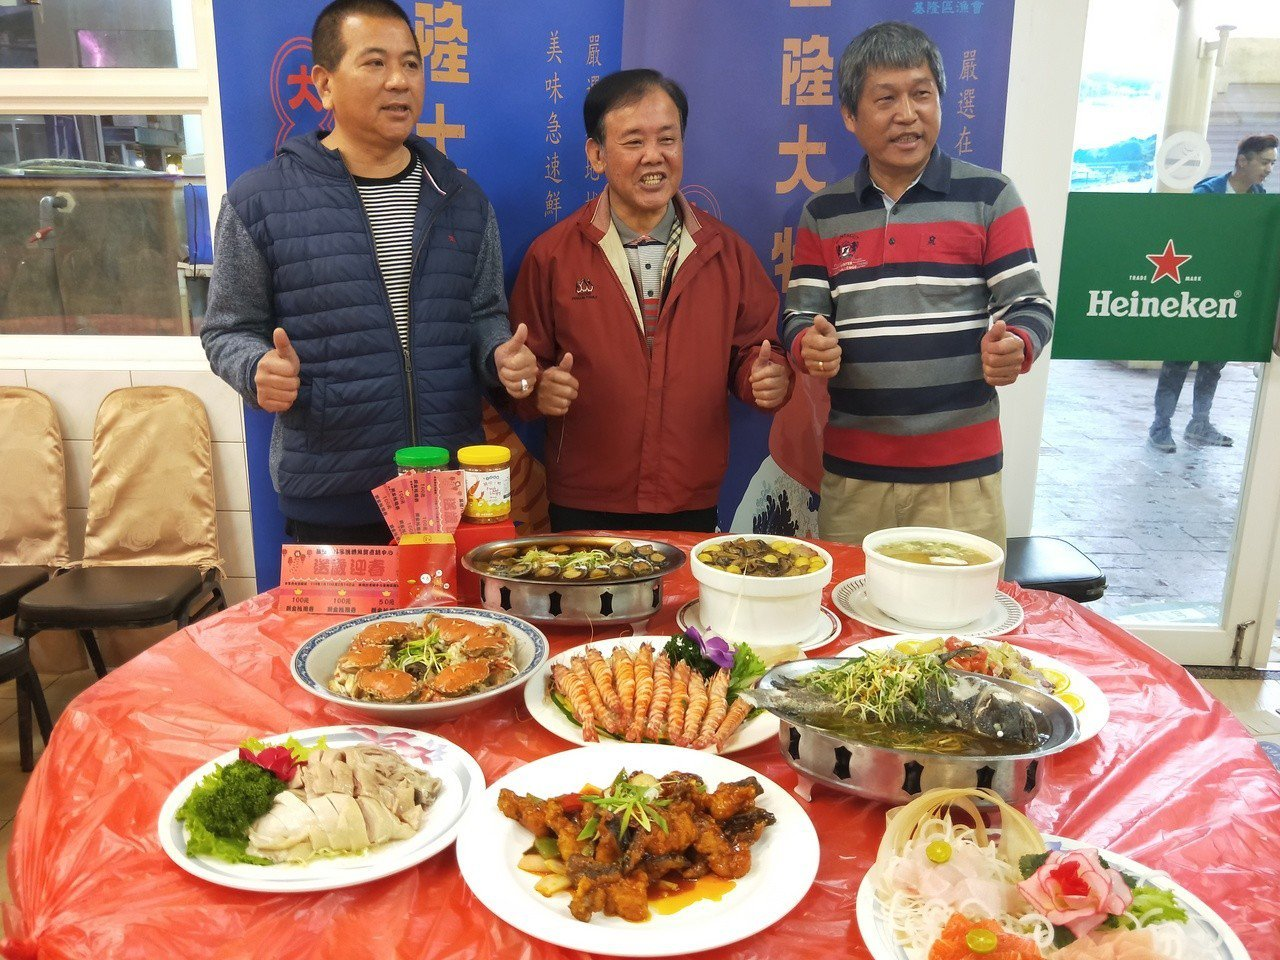 基隆區漁會與八斗子漁港魚貨直銷中心餐廳共同舉行「除歲迎新,山海大餐活動」,推大明...